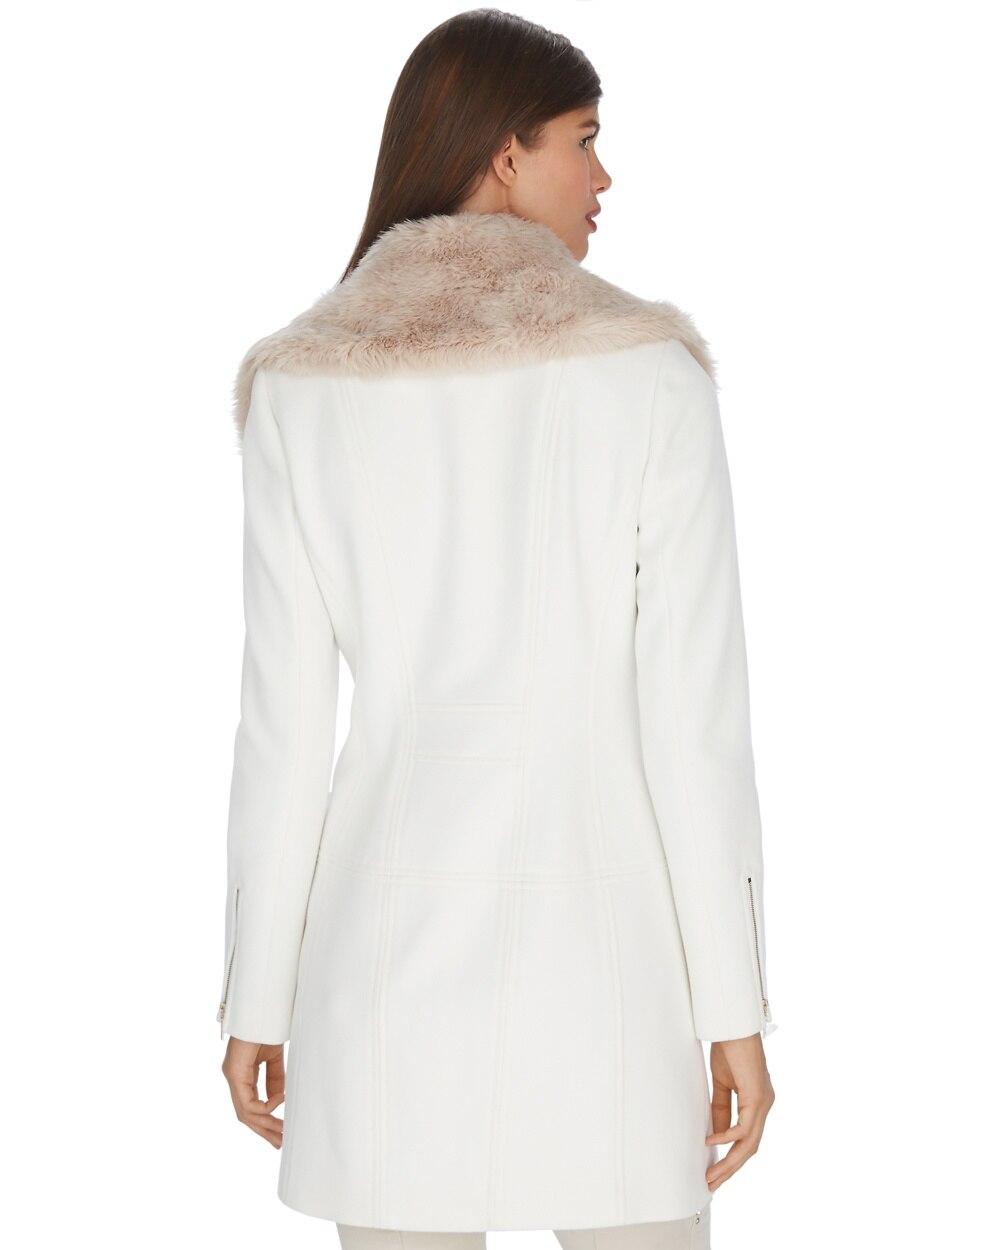 Long Fur Collar Ecru Motorycle Coat - White House Black Market